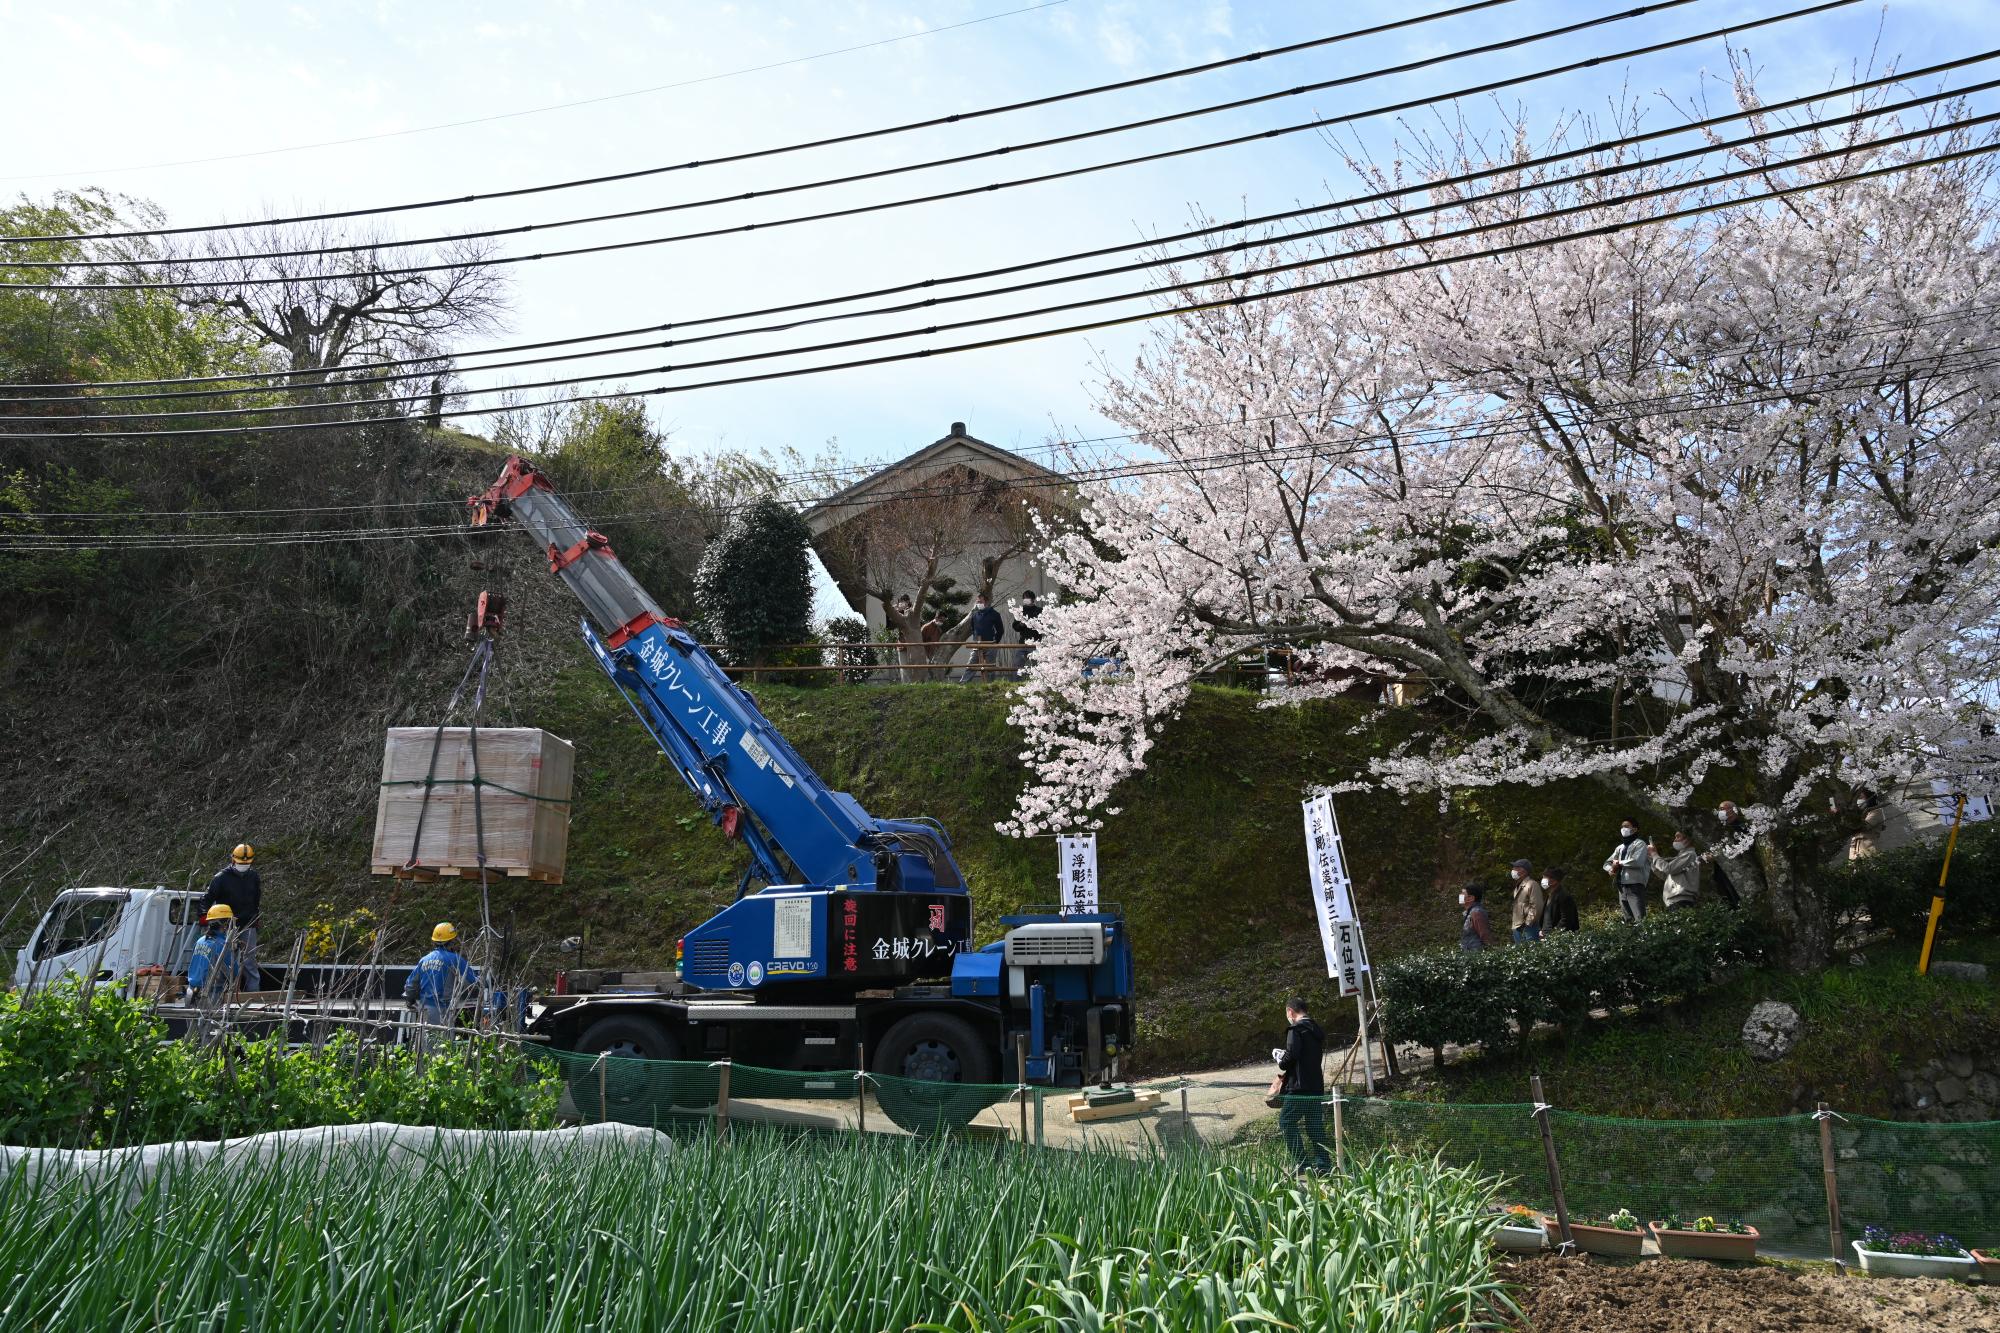 クレーンによる吊り上げ作業